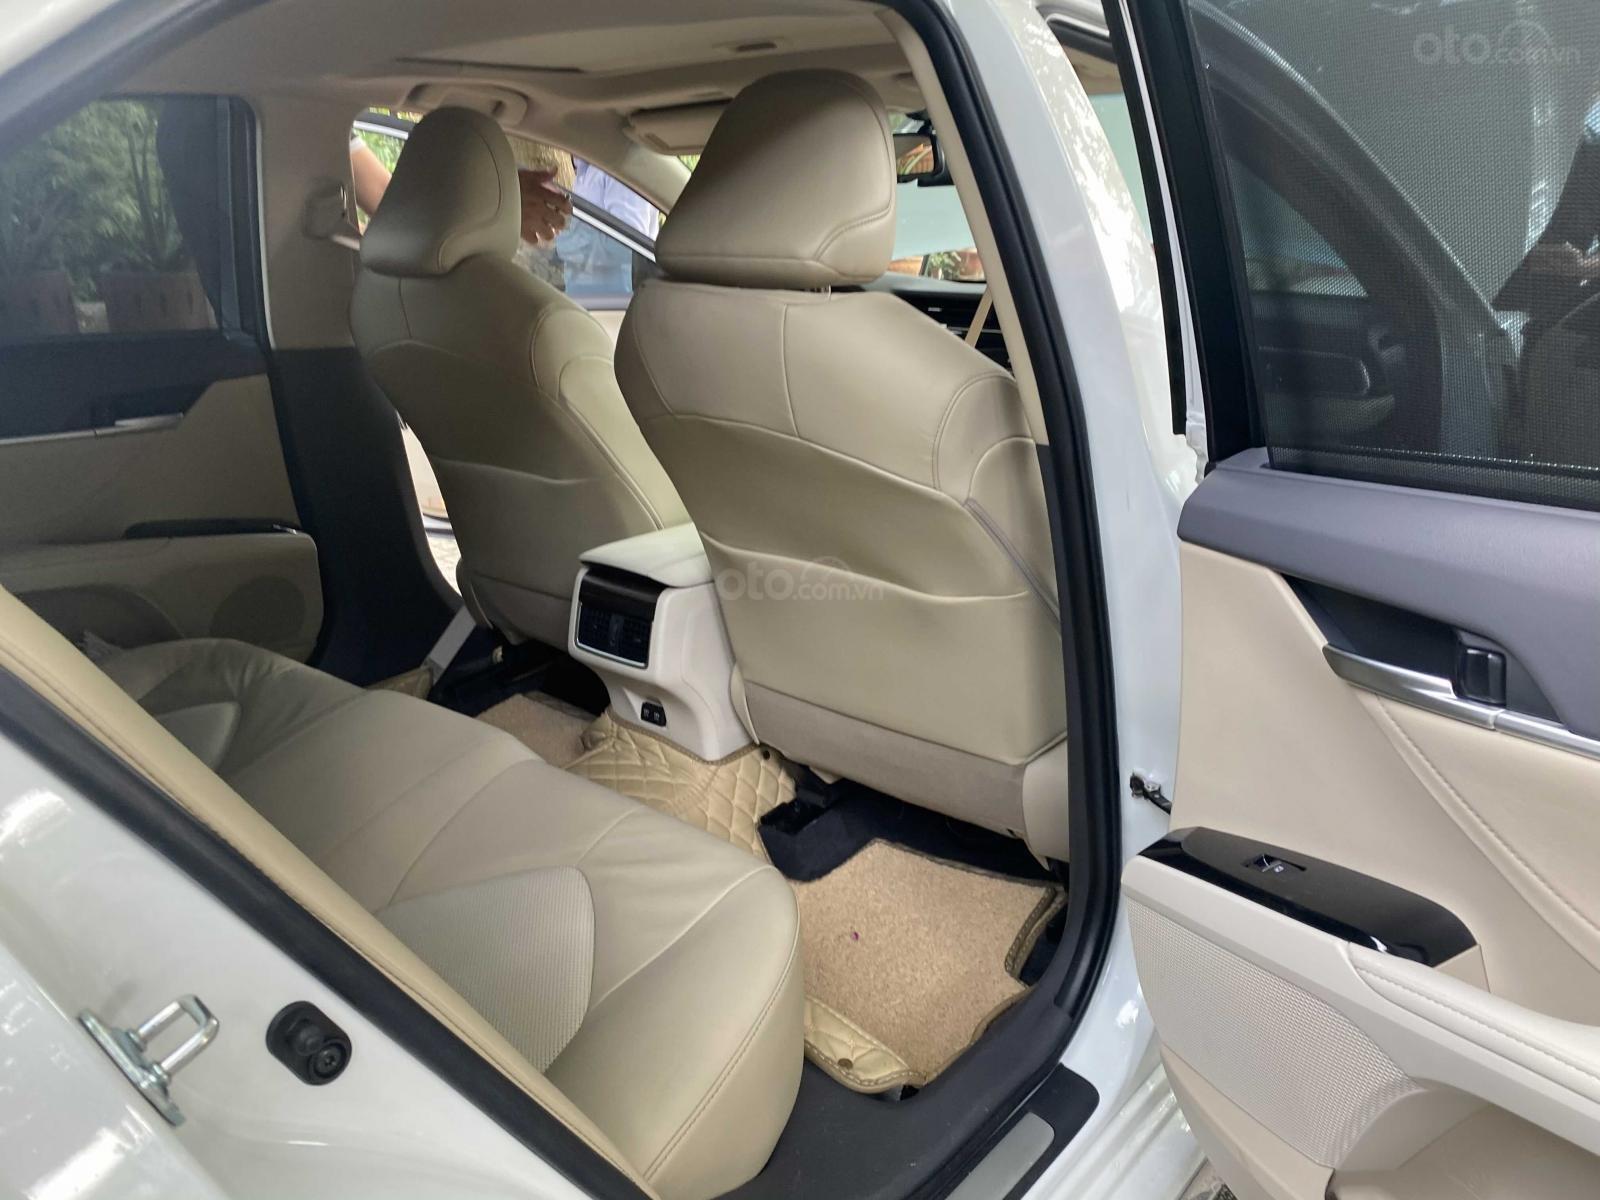 Bán ô tô Toyota Camry năm 2020, màu trắng, ít sử dụng, giá 1 tỷ 290 triệu đồng (8)